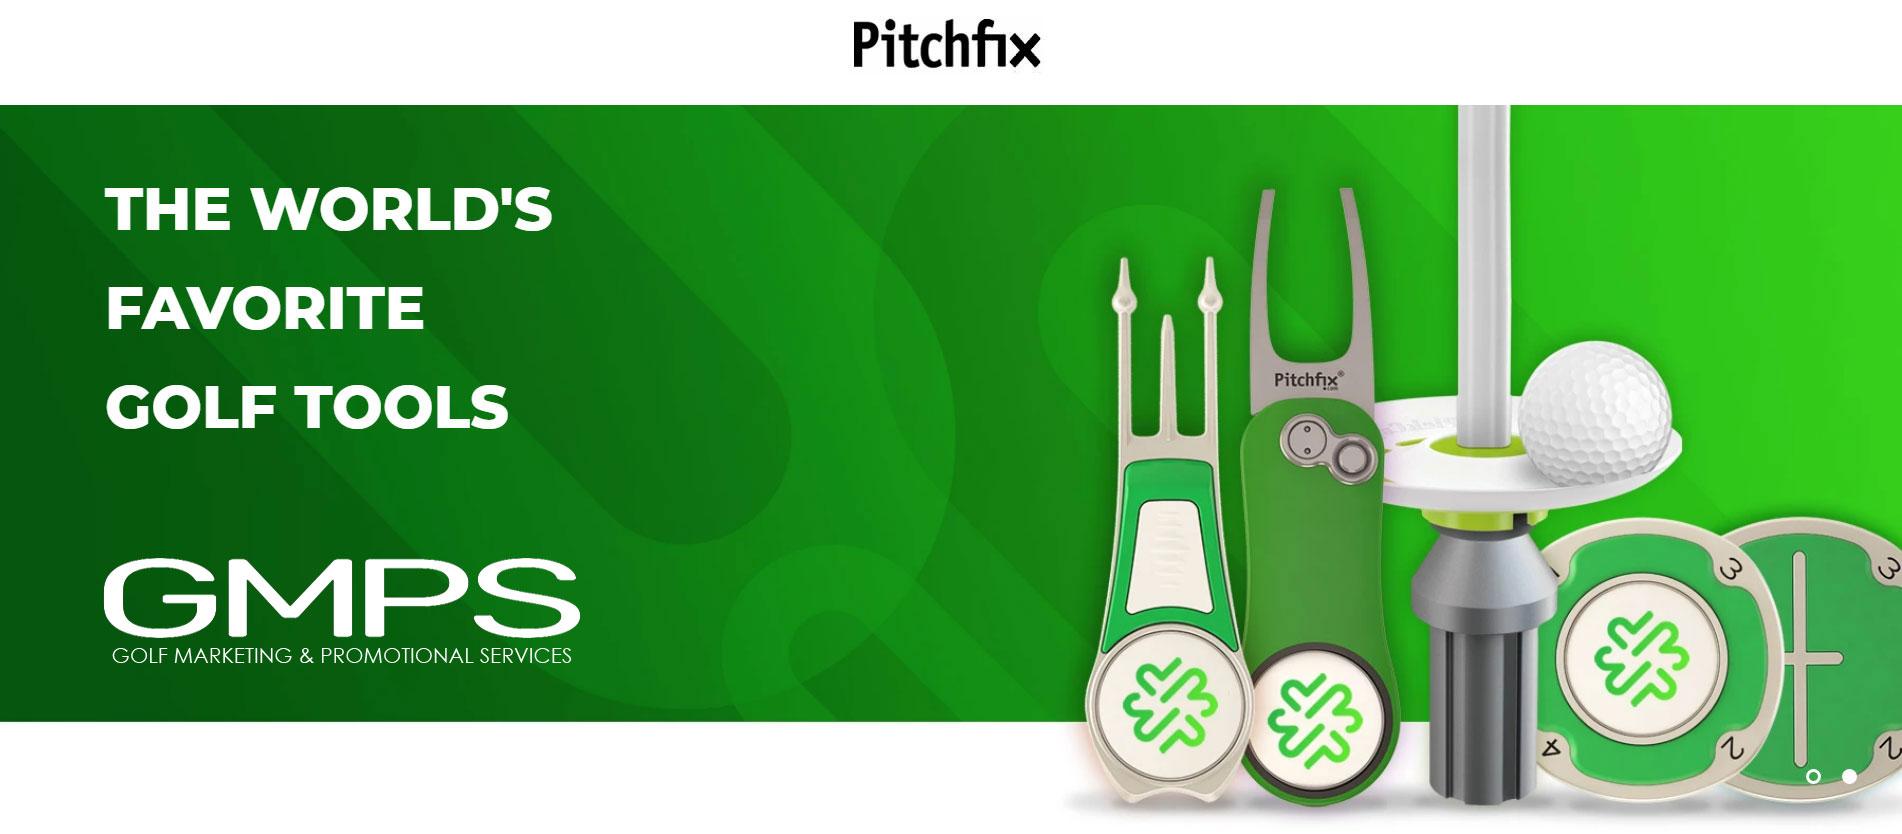 Pitchfix golf tools